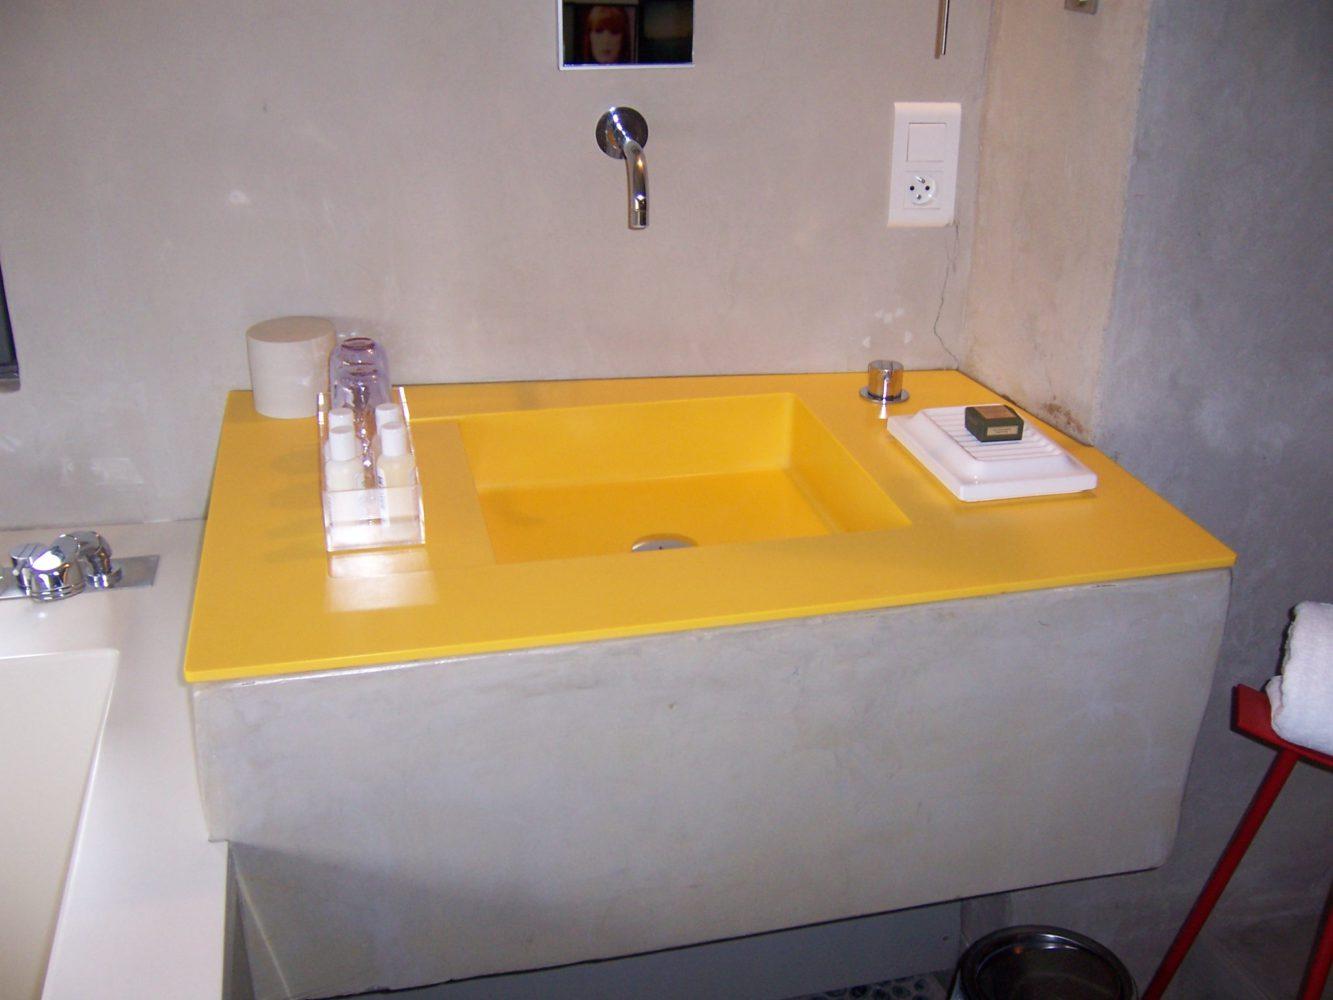 Vasque jaune en Corian®